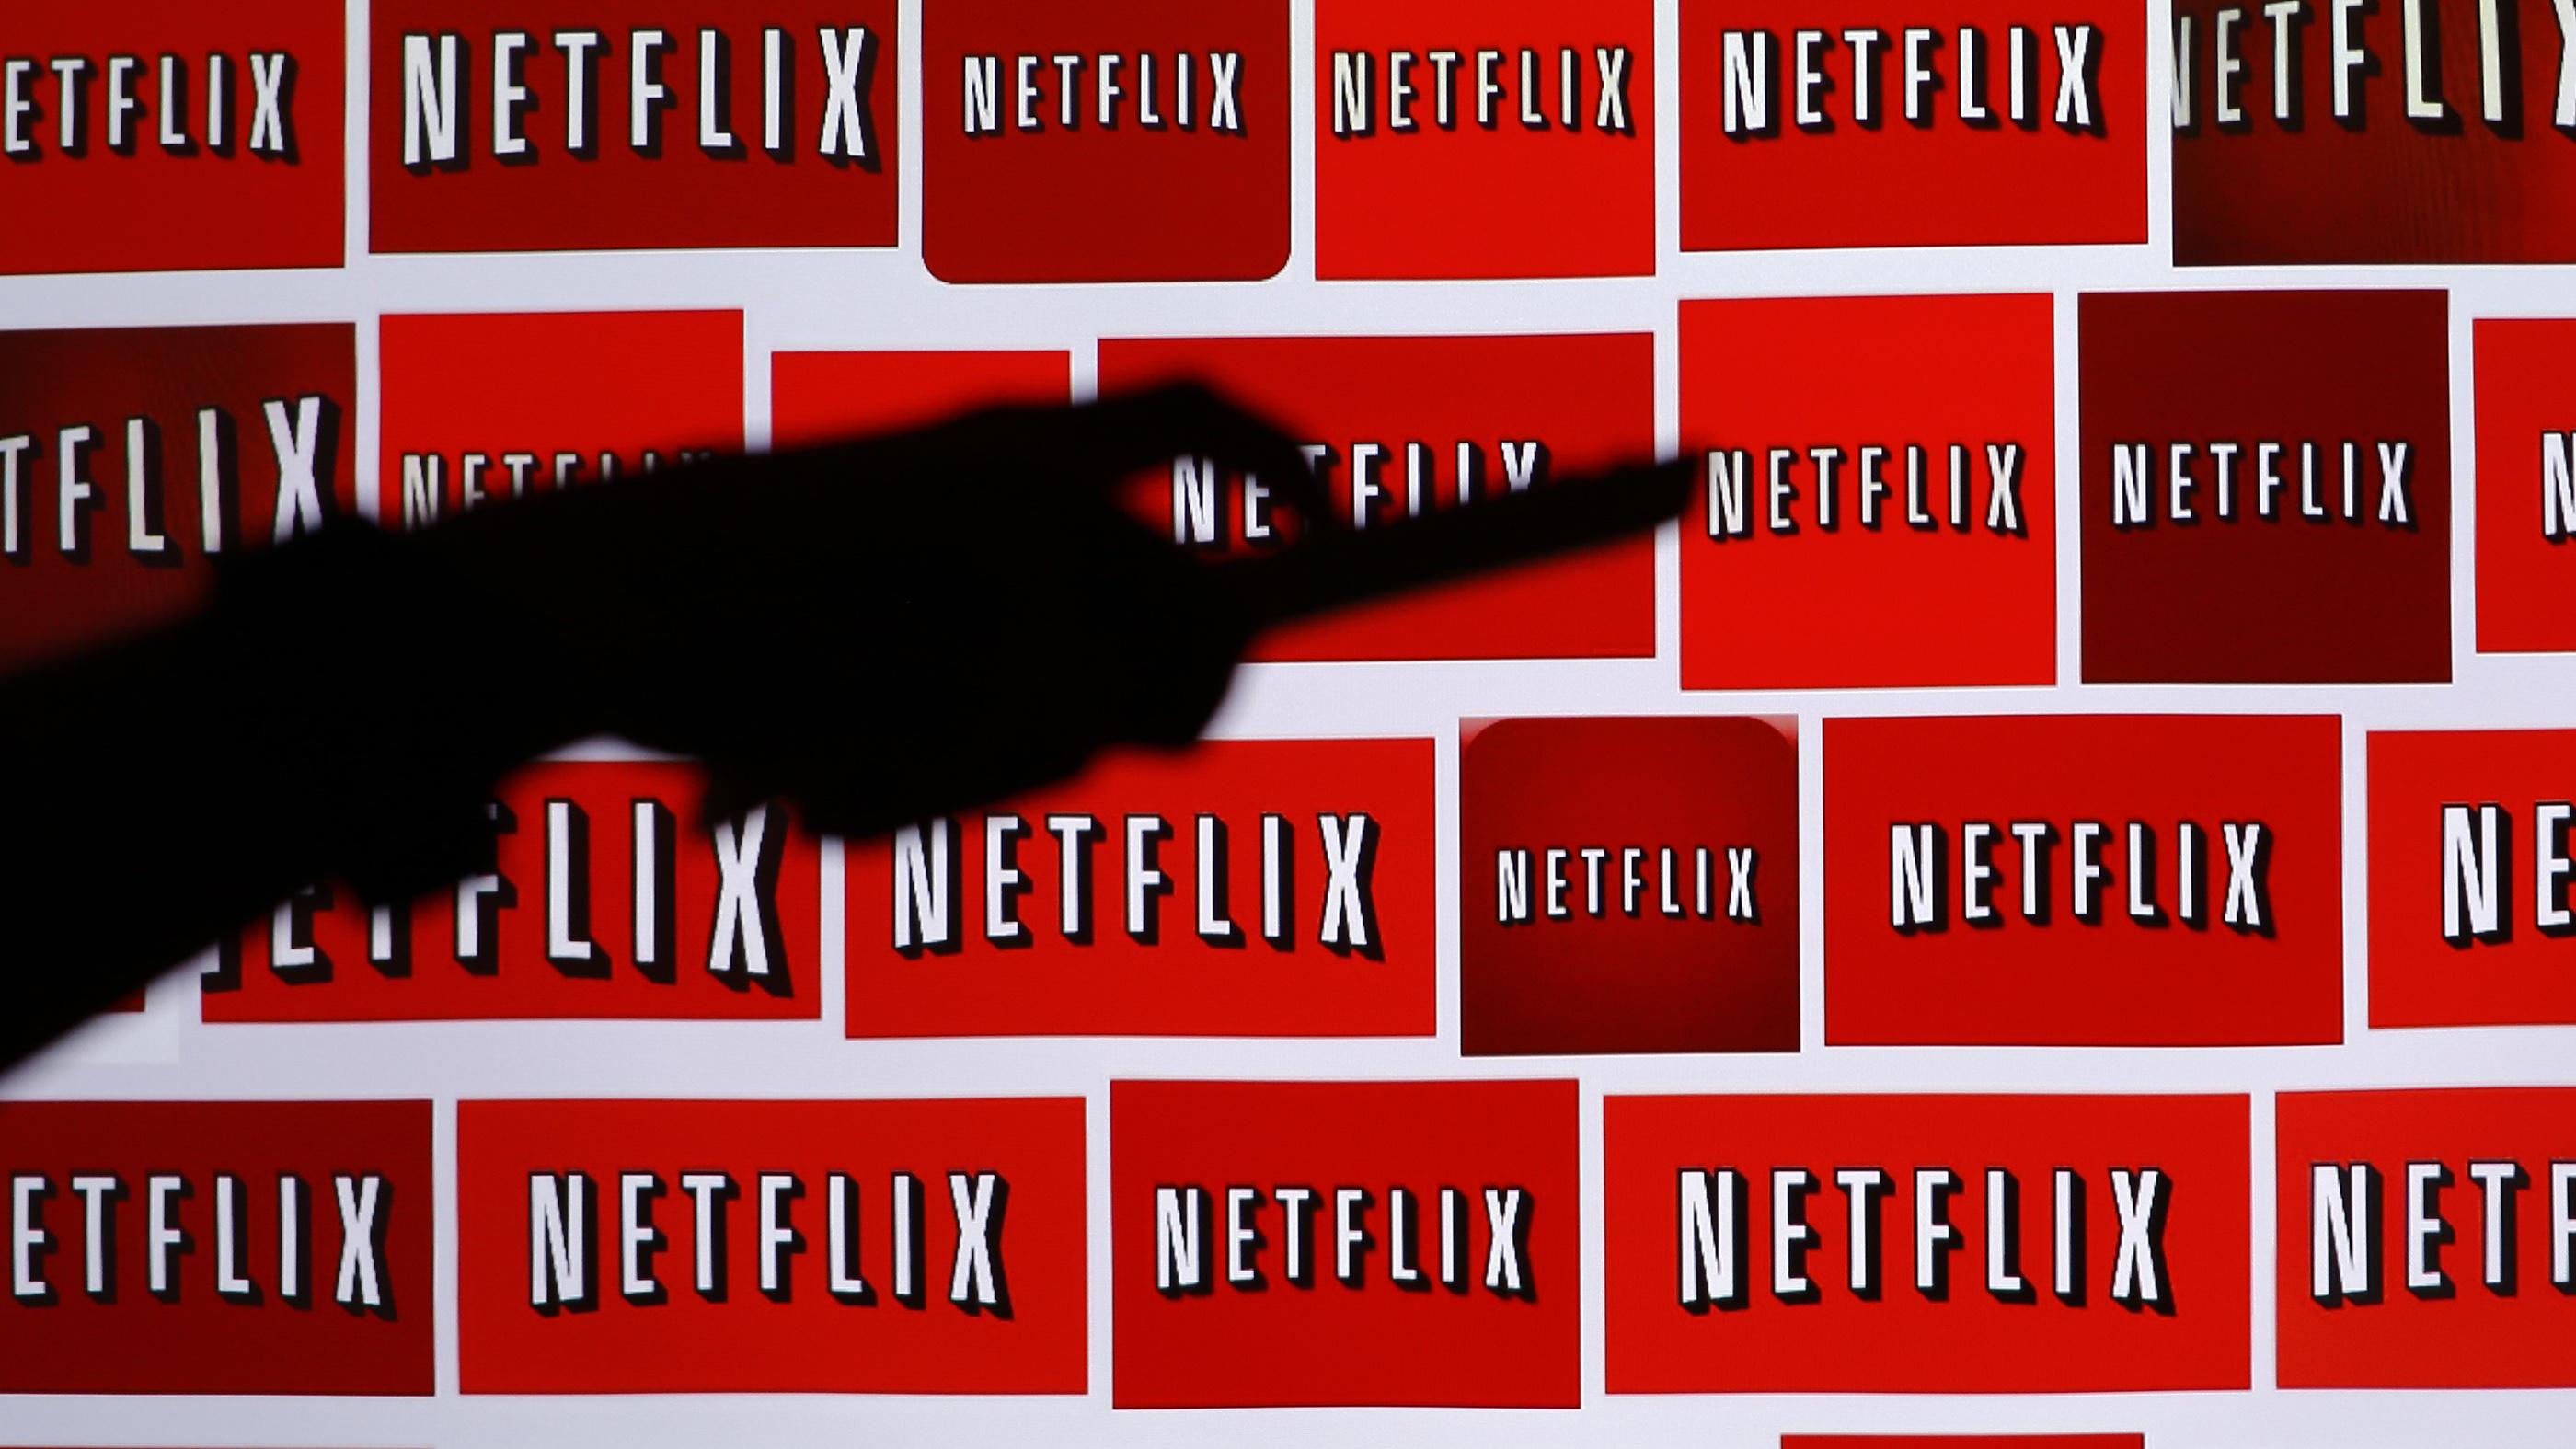 Netflix denmark price